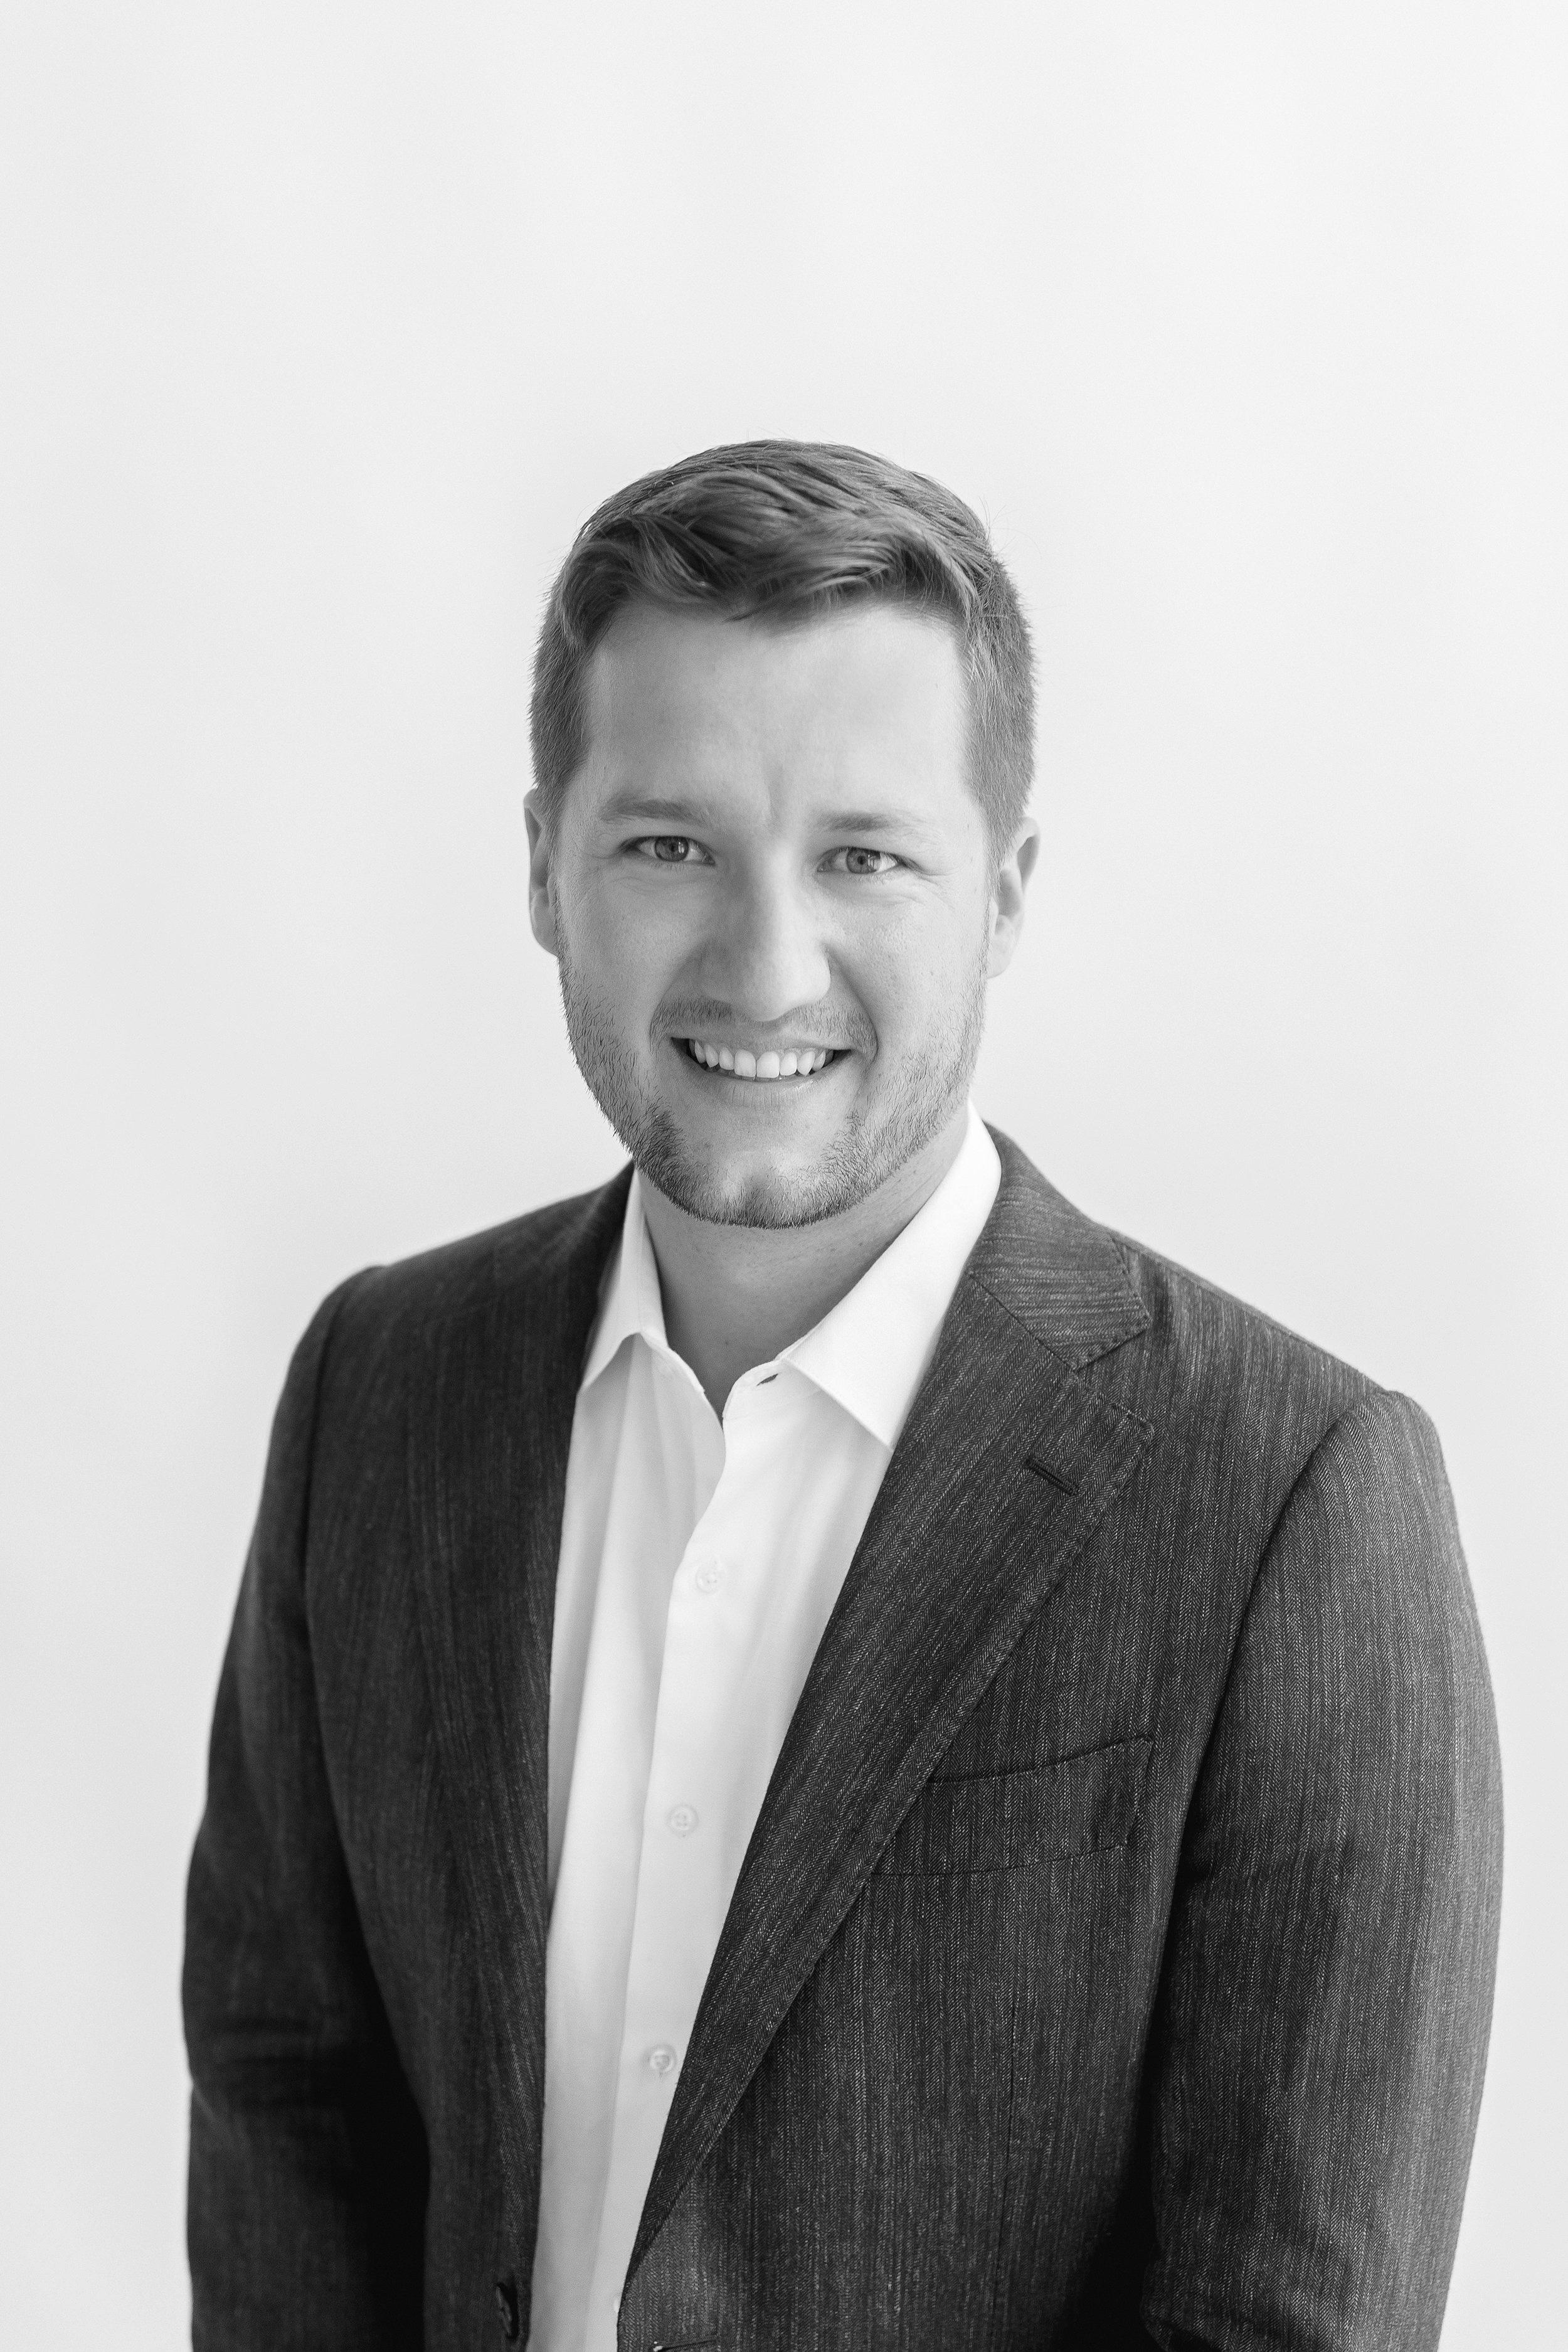 ERIC DUDA | Development Manager